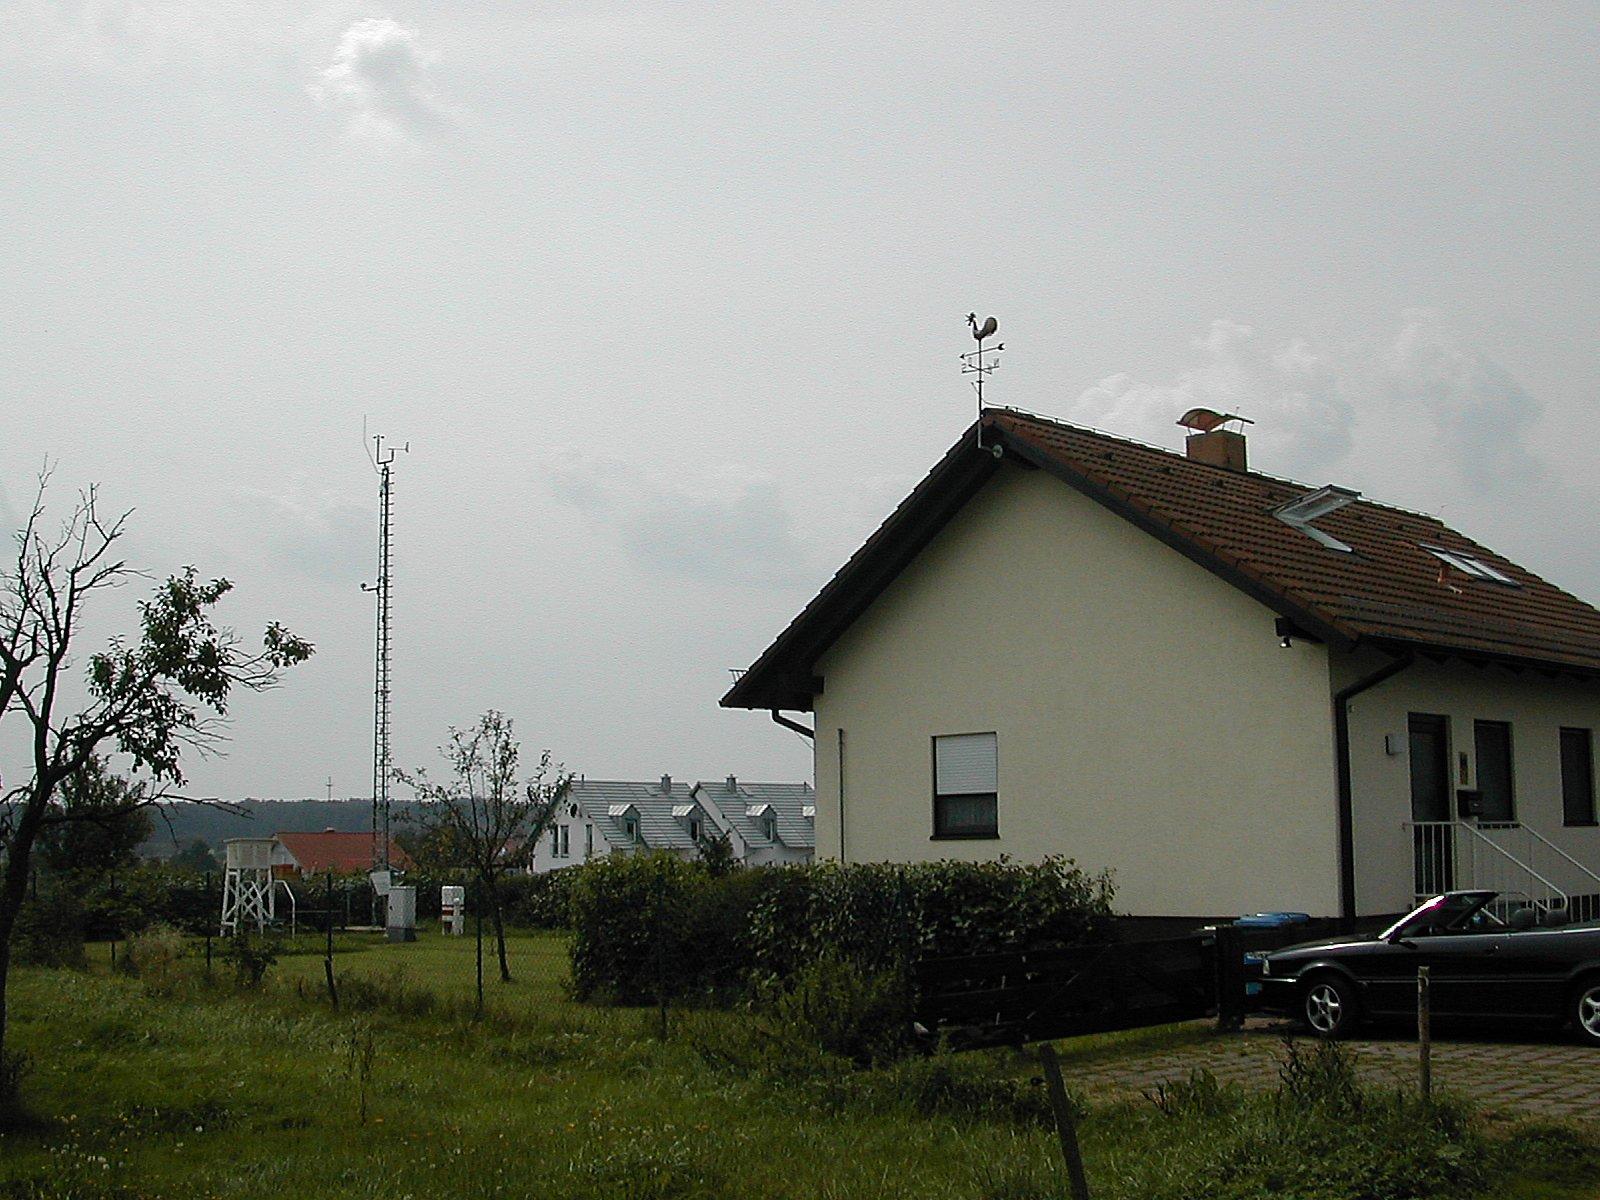 http://www.schoemberg-wetter.de/Fotos/wx/Vielbrunn%206.JPG